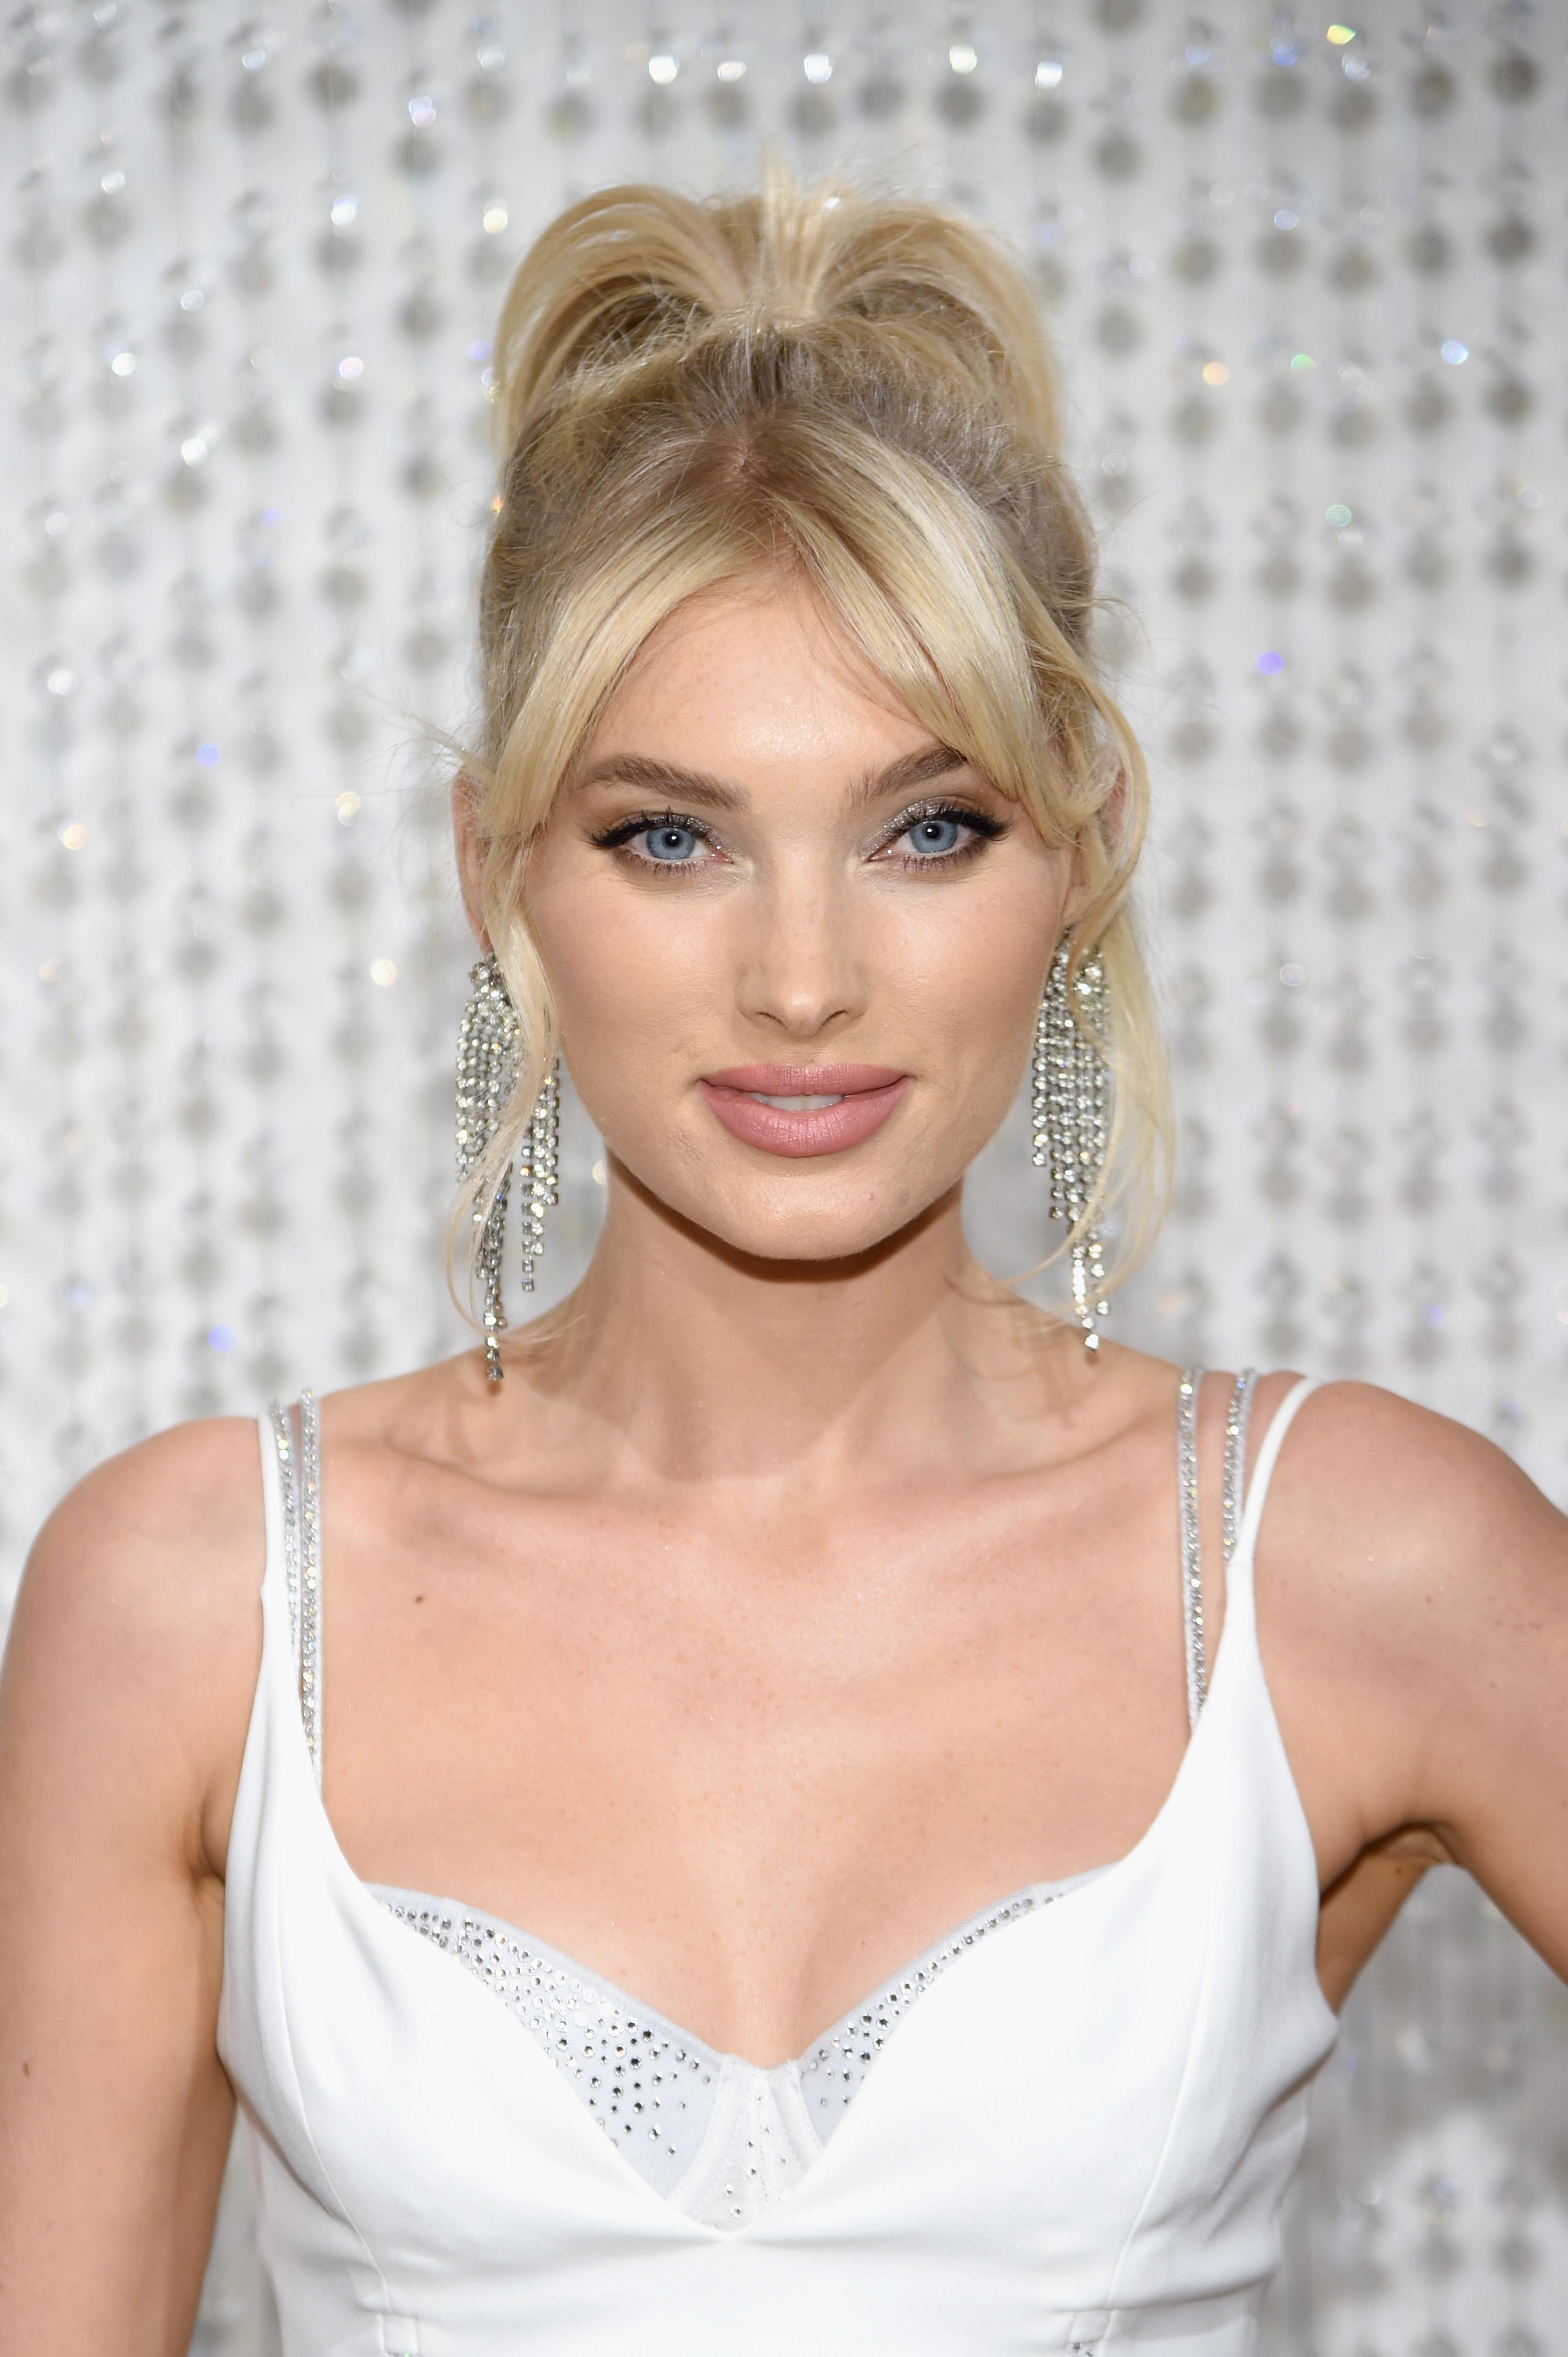 Сутиен за един милион долара си сложи манекенката Елза Хоск. Бельото, което изглежда като истинско бижу, носи името Fantasy Bra. Хоск ще дефилира със сутиена на шоуто на Victoria's Secret, което ще се състои на 2 декември в Ню Йорк.